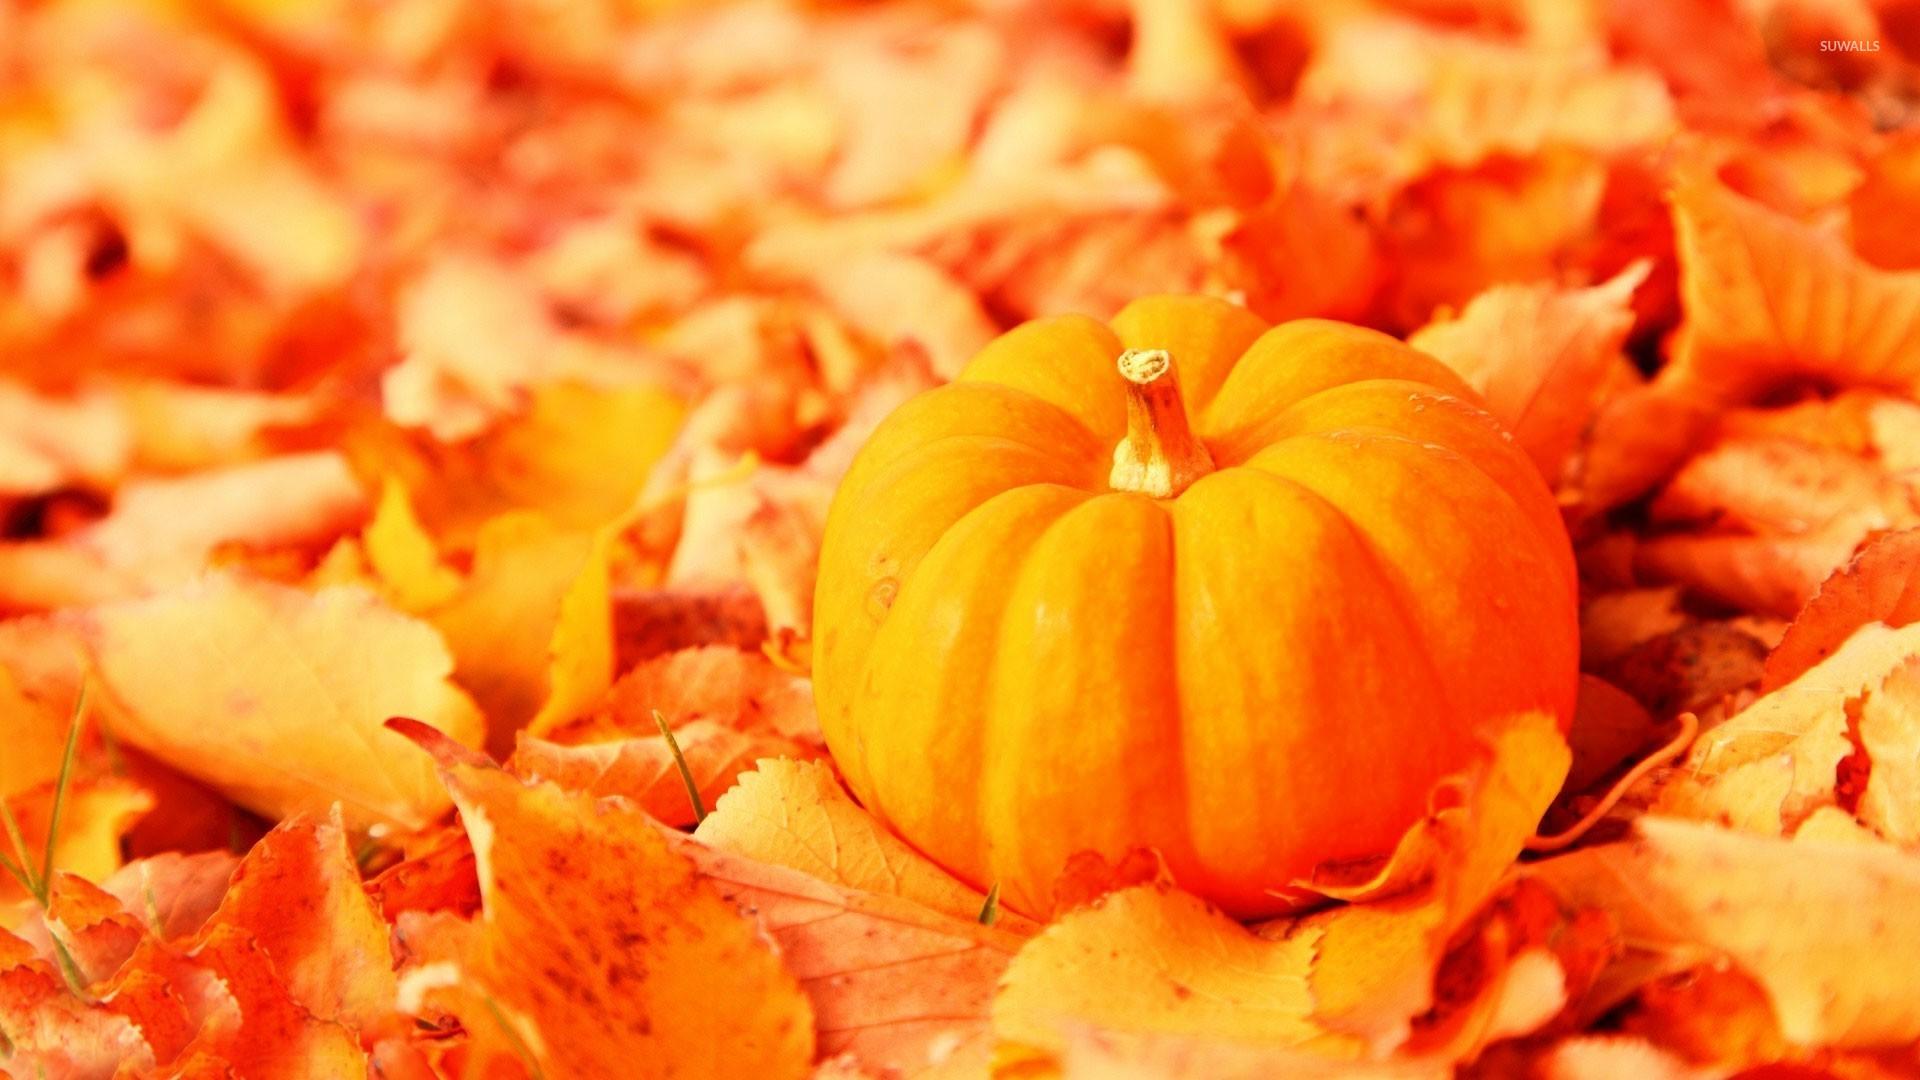 pumpkin wallpaper 1920x1080 - photo #13